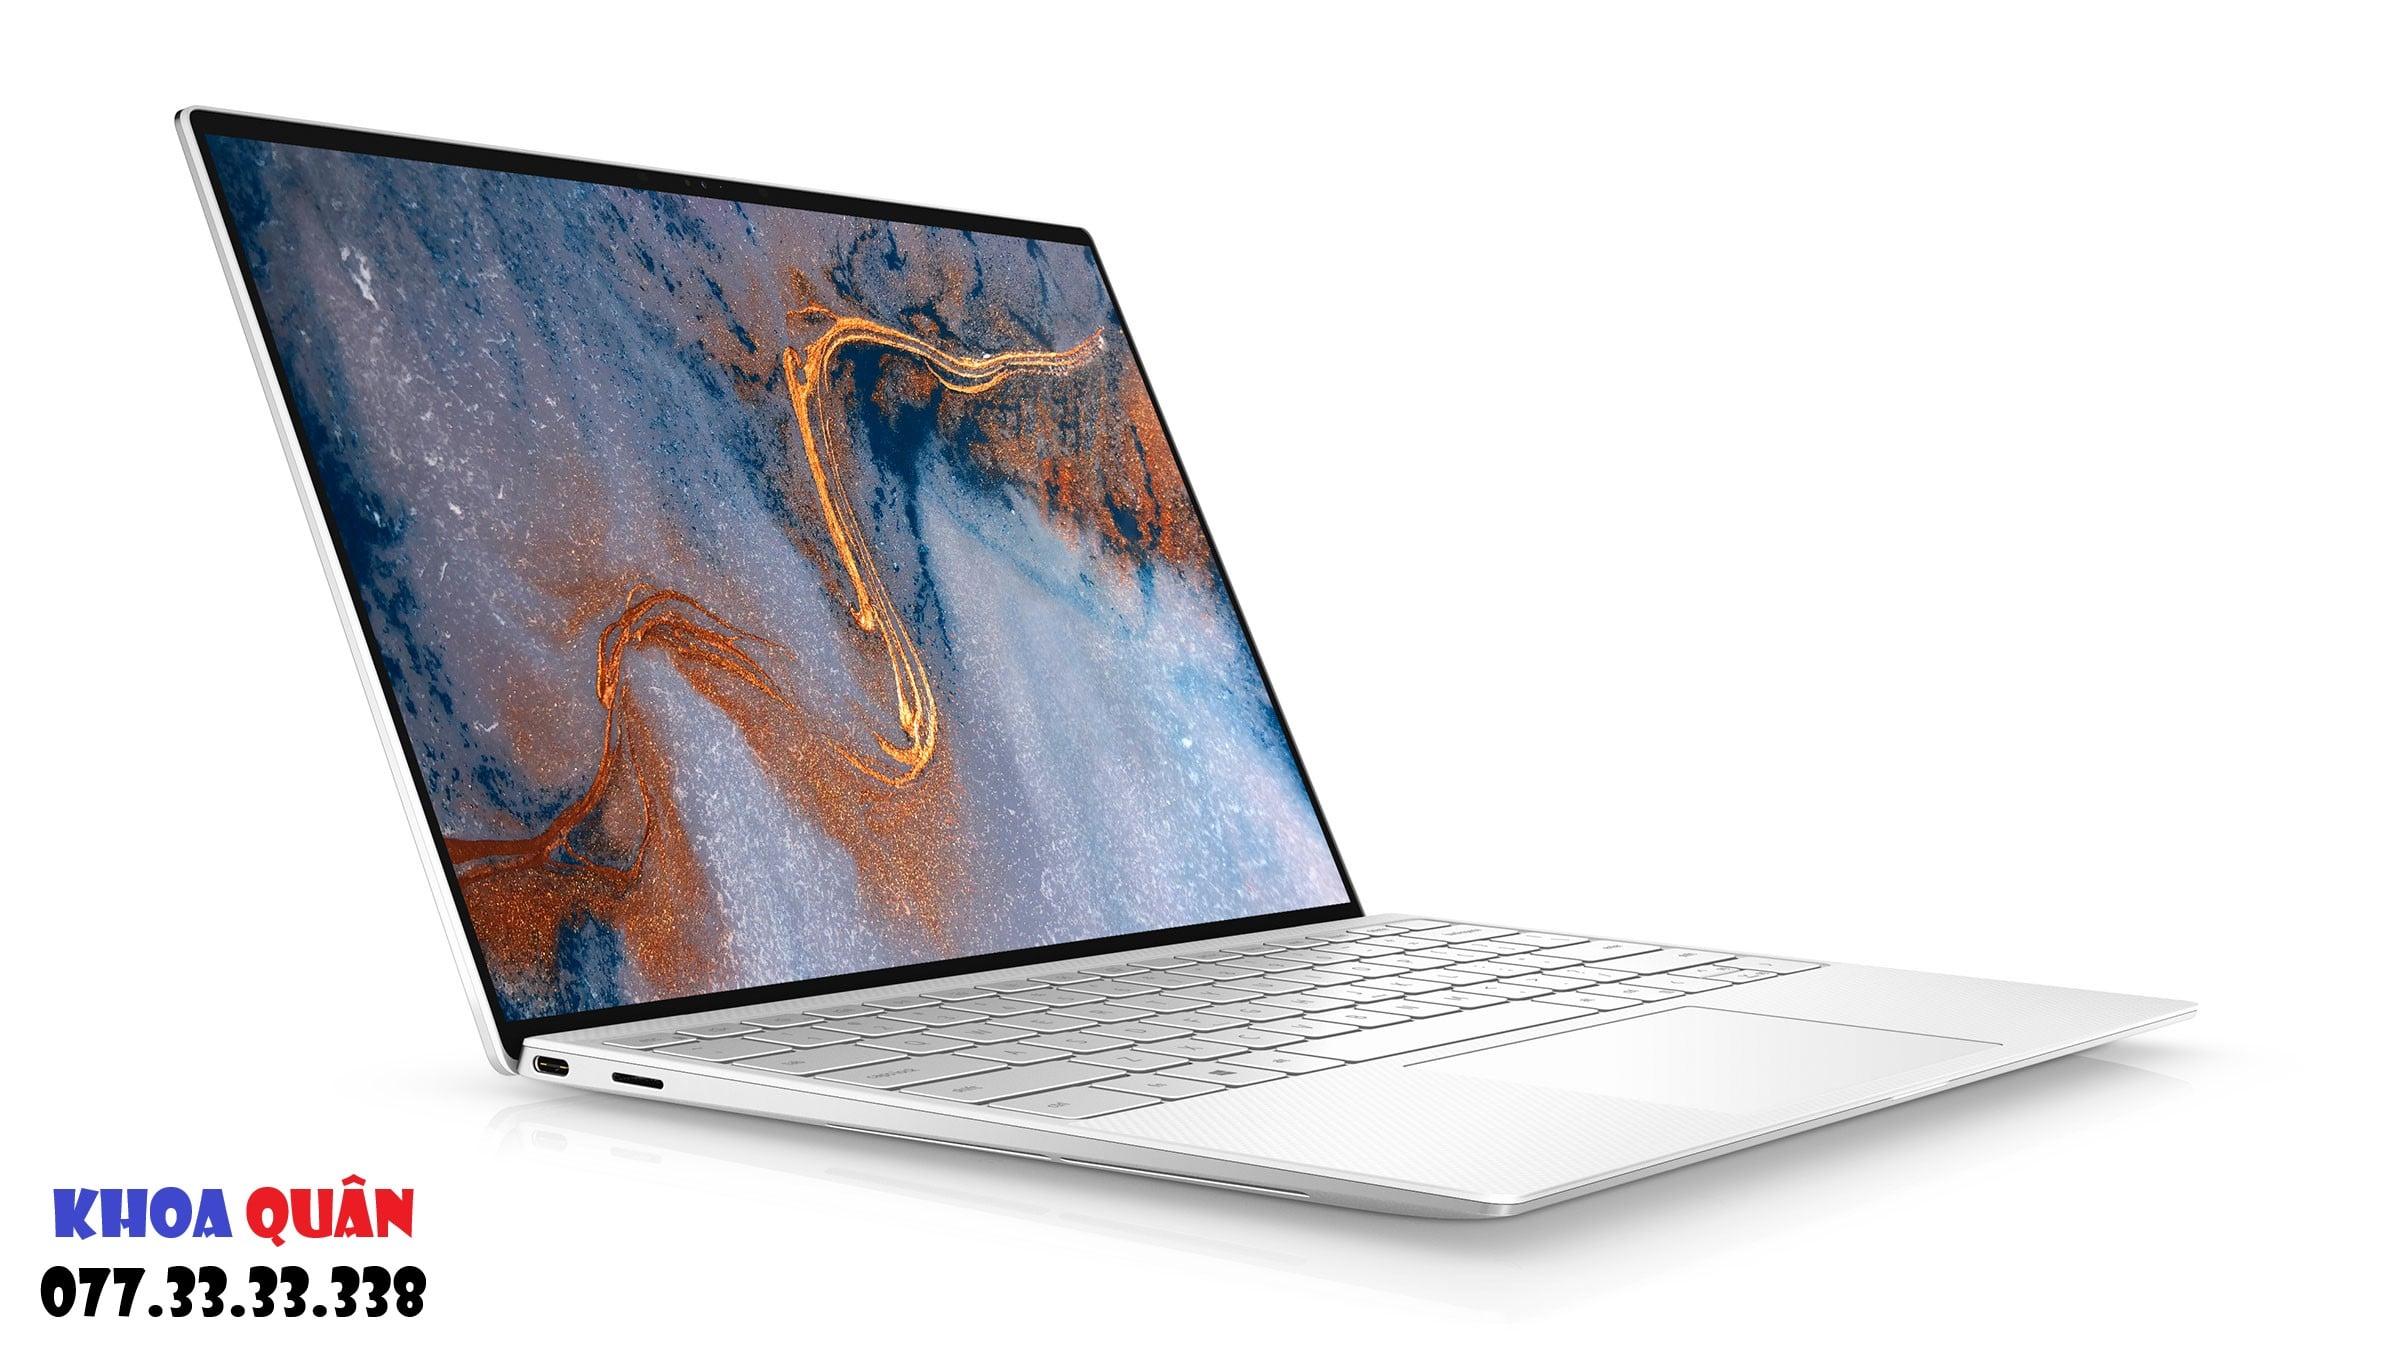 Tổng kết đánh giá về laptop Dell XPS 9300